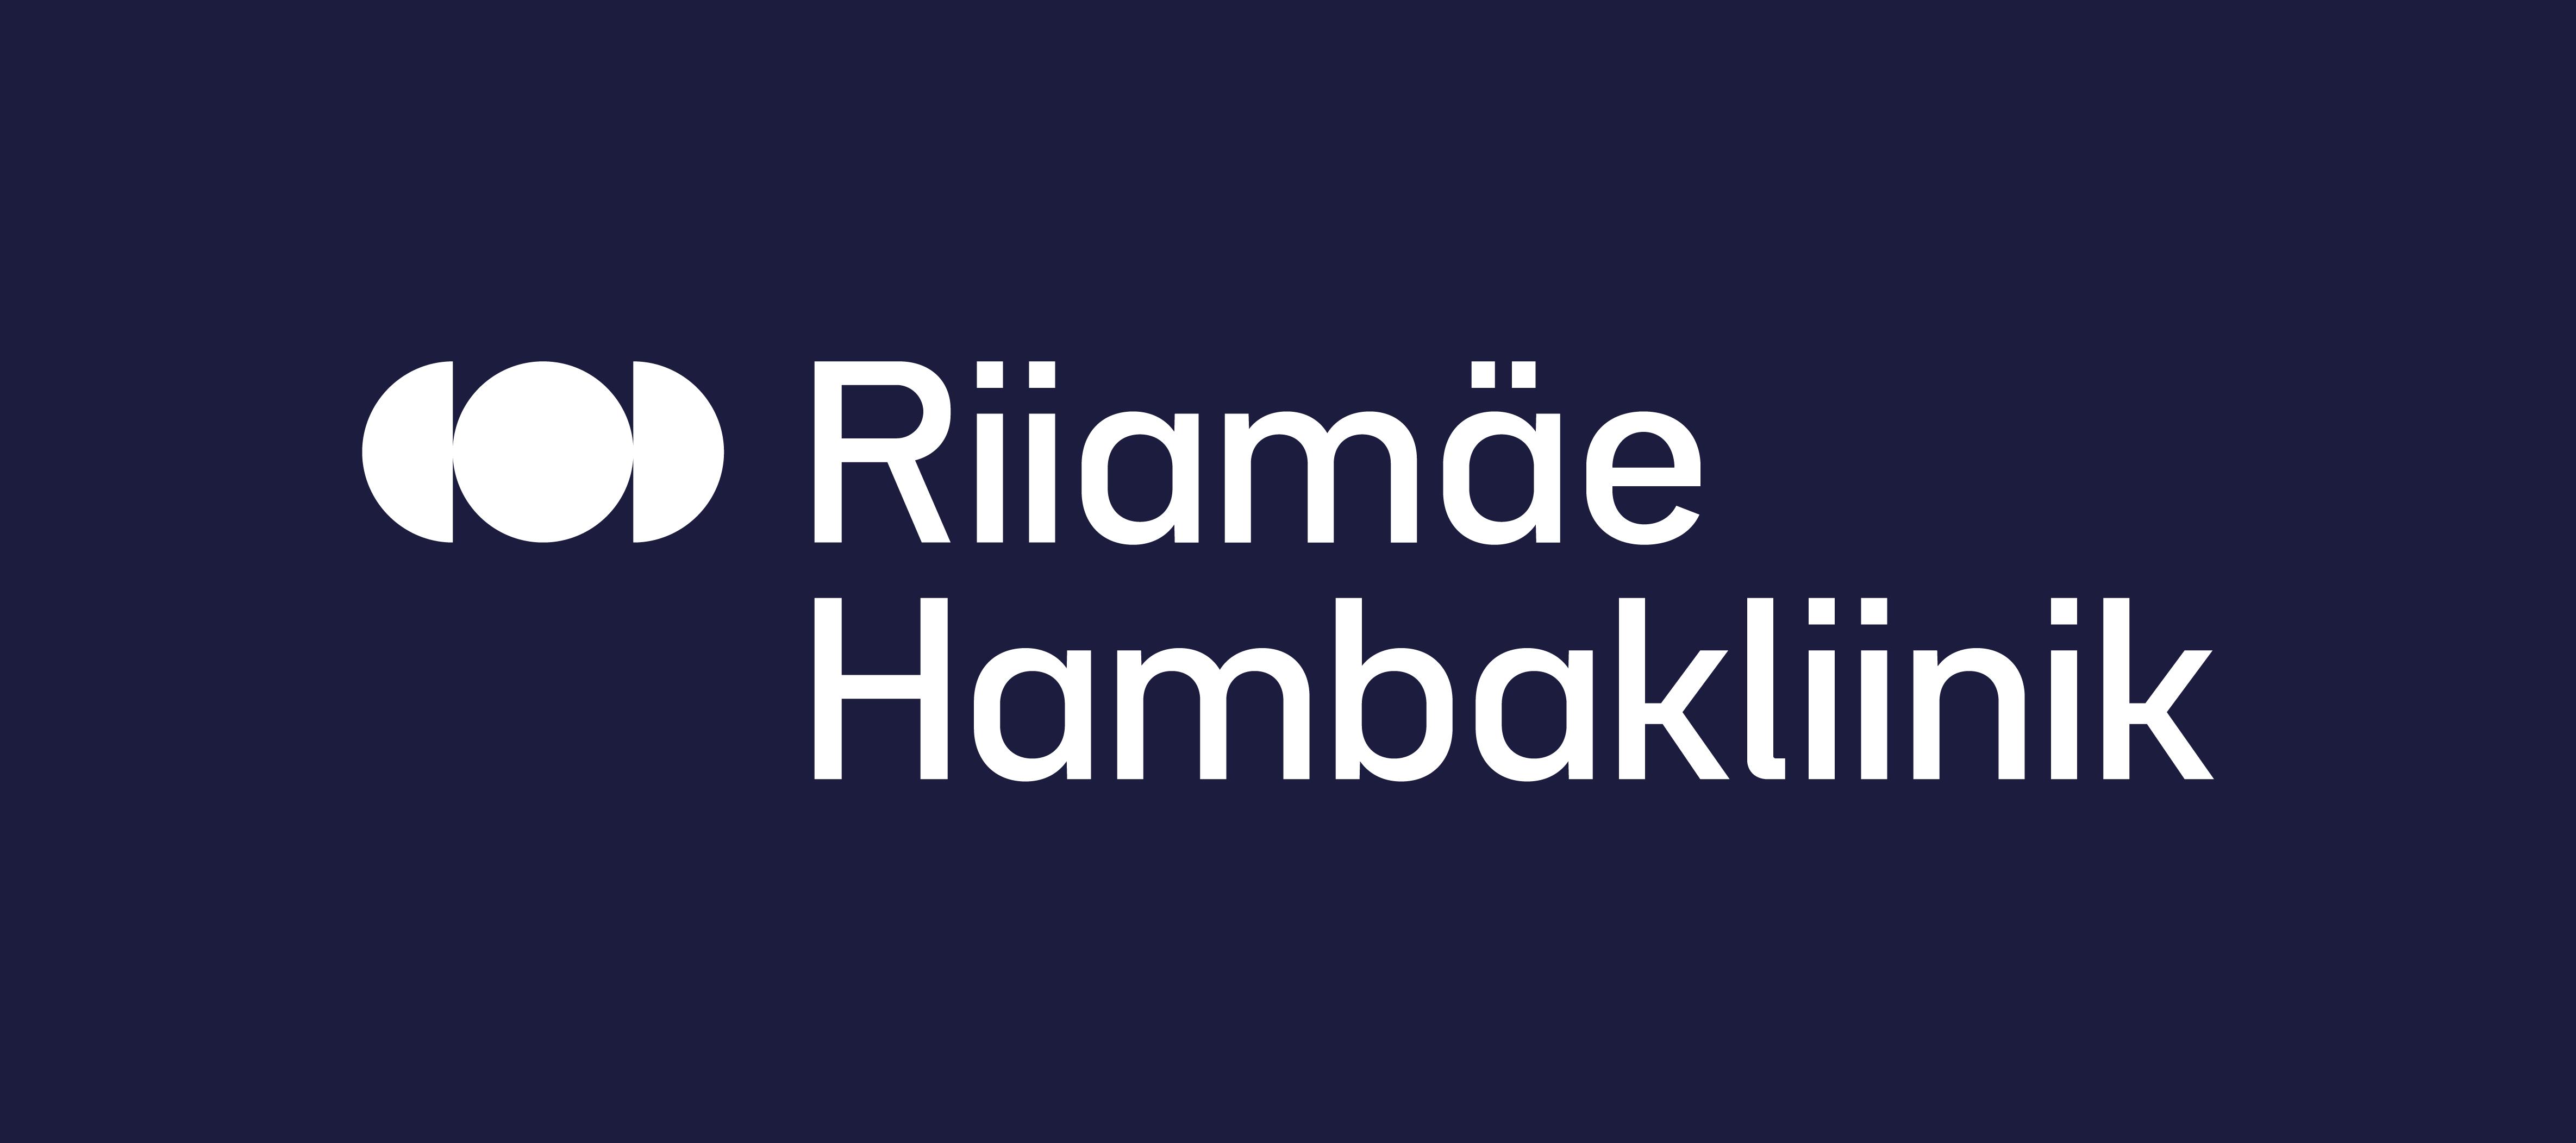 Riiamäe_Hambakliinik__negatiivis_logo